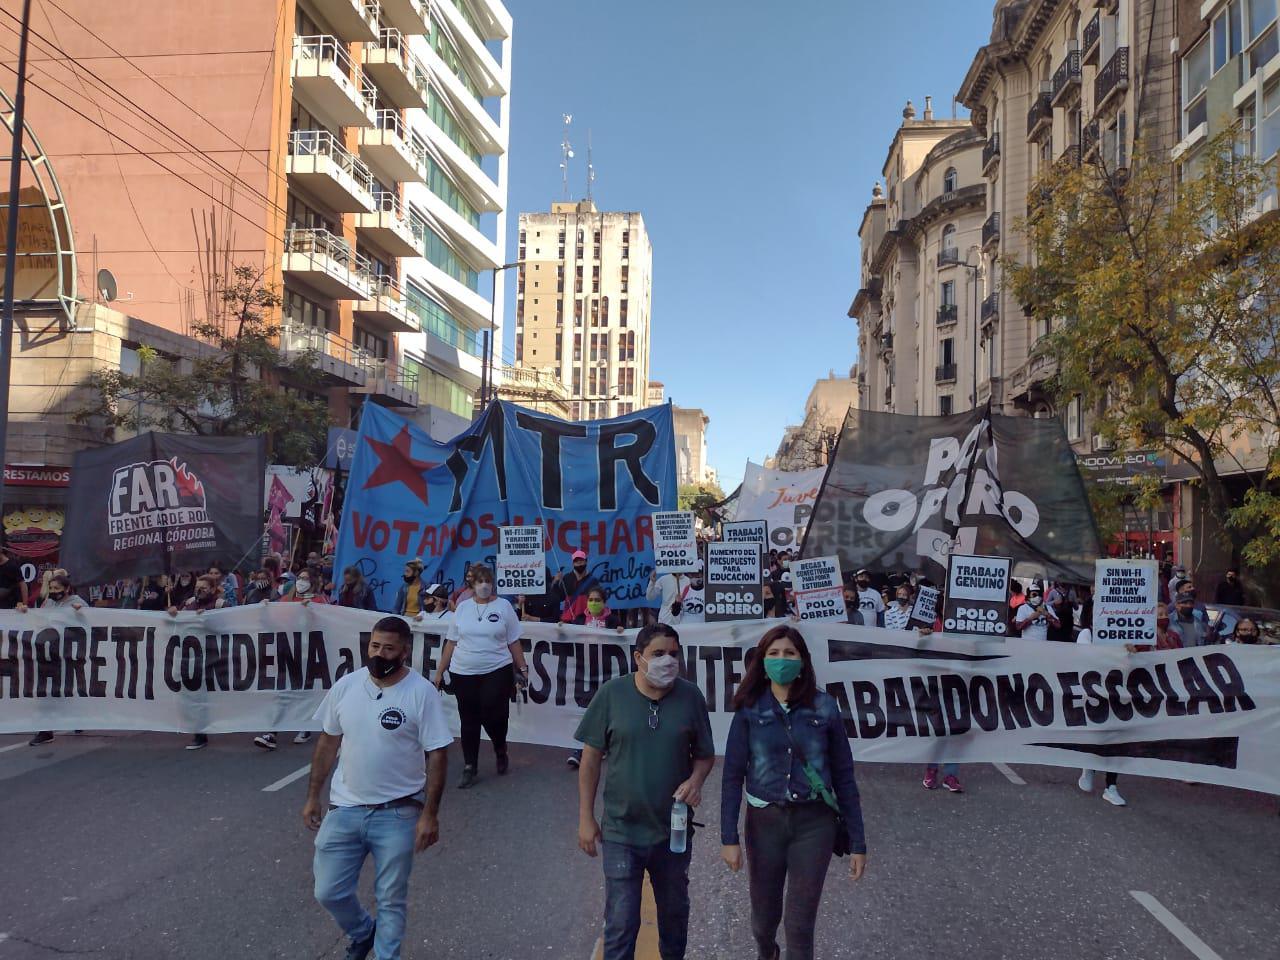 Marcha por la educación organizaciones sociales by LNM